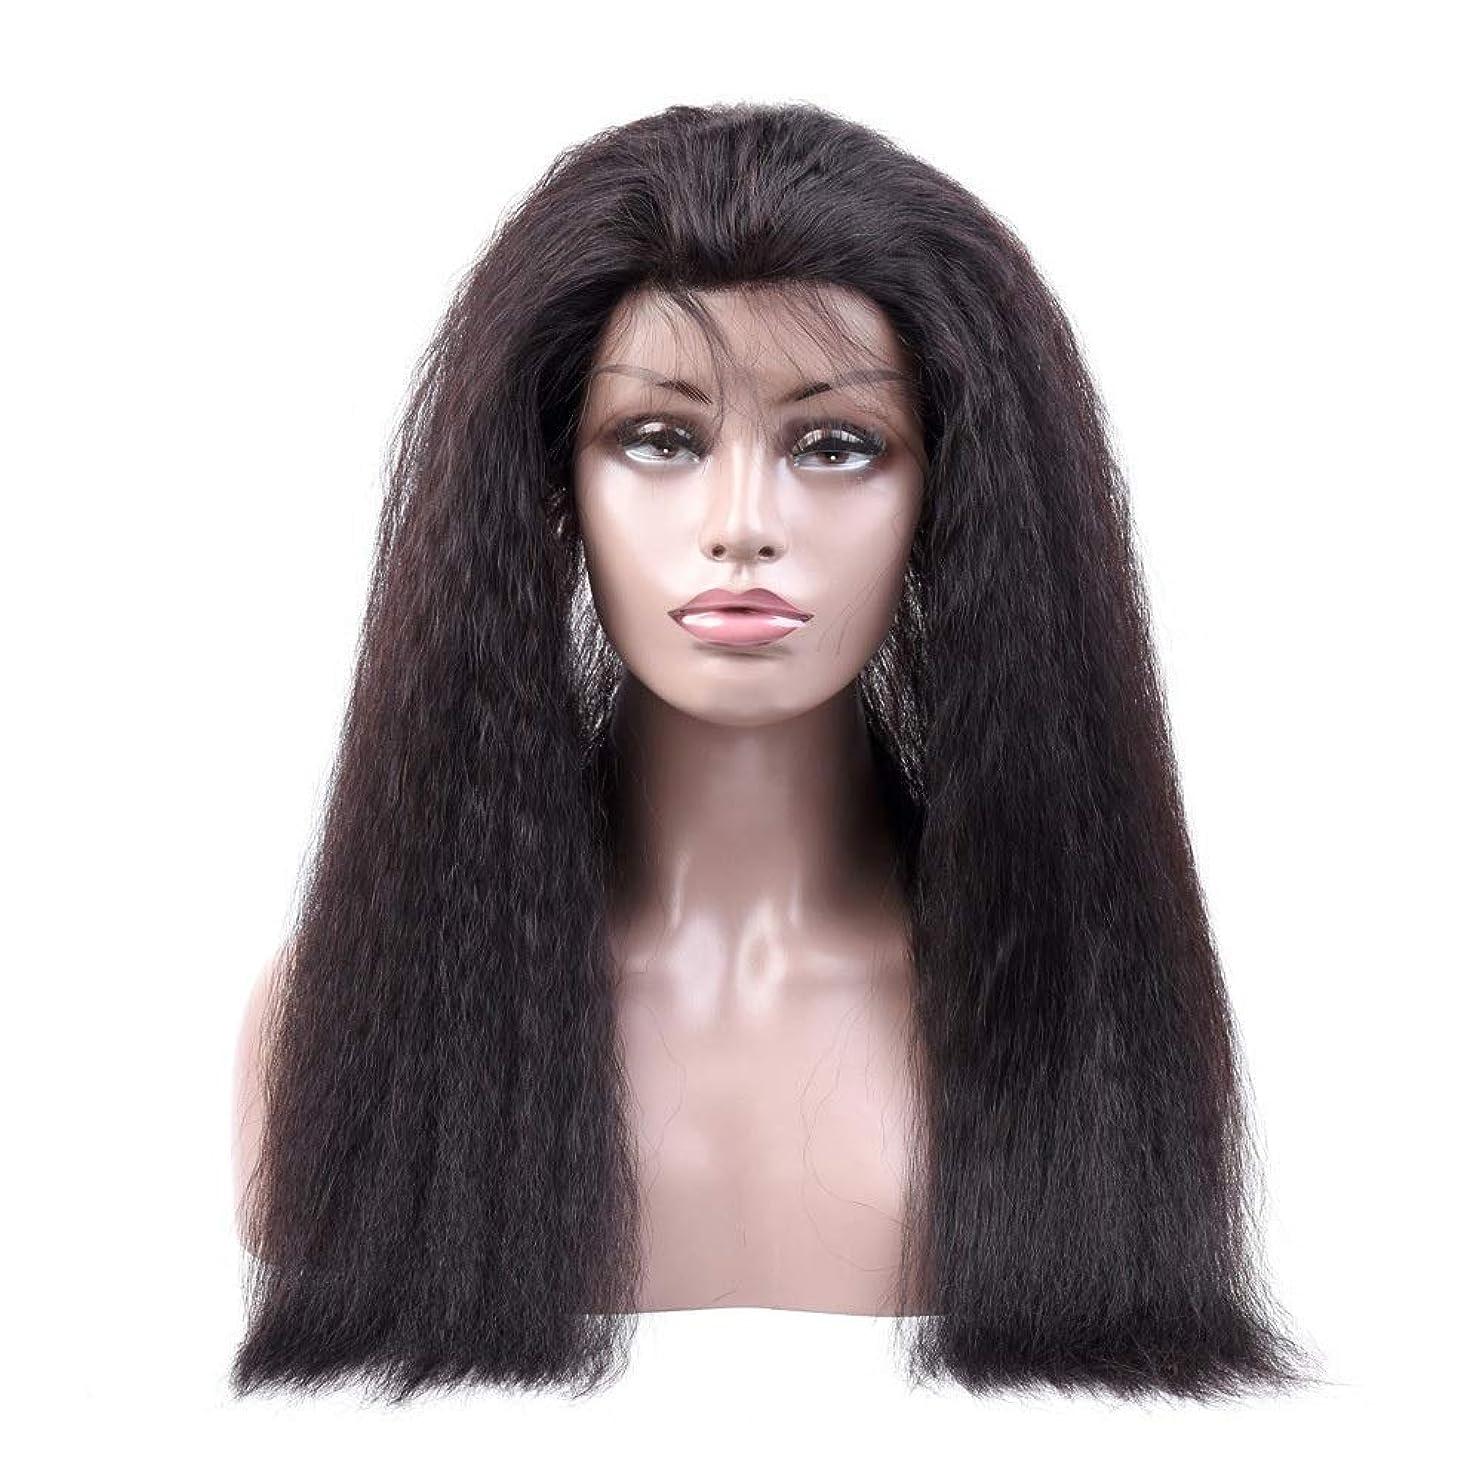 引退したコピースロベニアBOBIDYEE 変態ストレート人間の髪の毛のかつら360レース前頭かつら#1Bナチュラルカラー女性複合かつらレースかつらロールプレイングかつら (色 : 黒, サイズ : 20 inch)